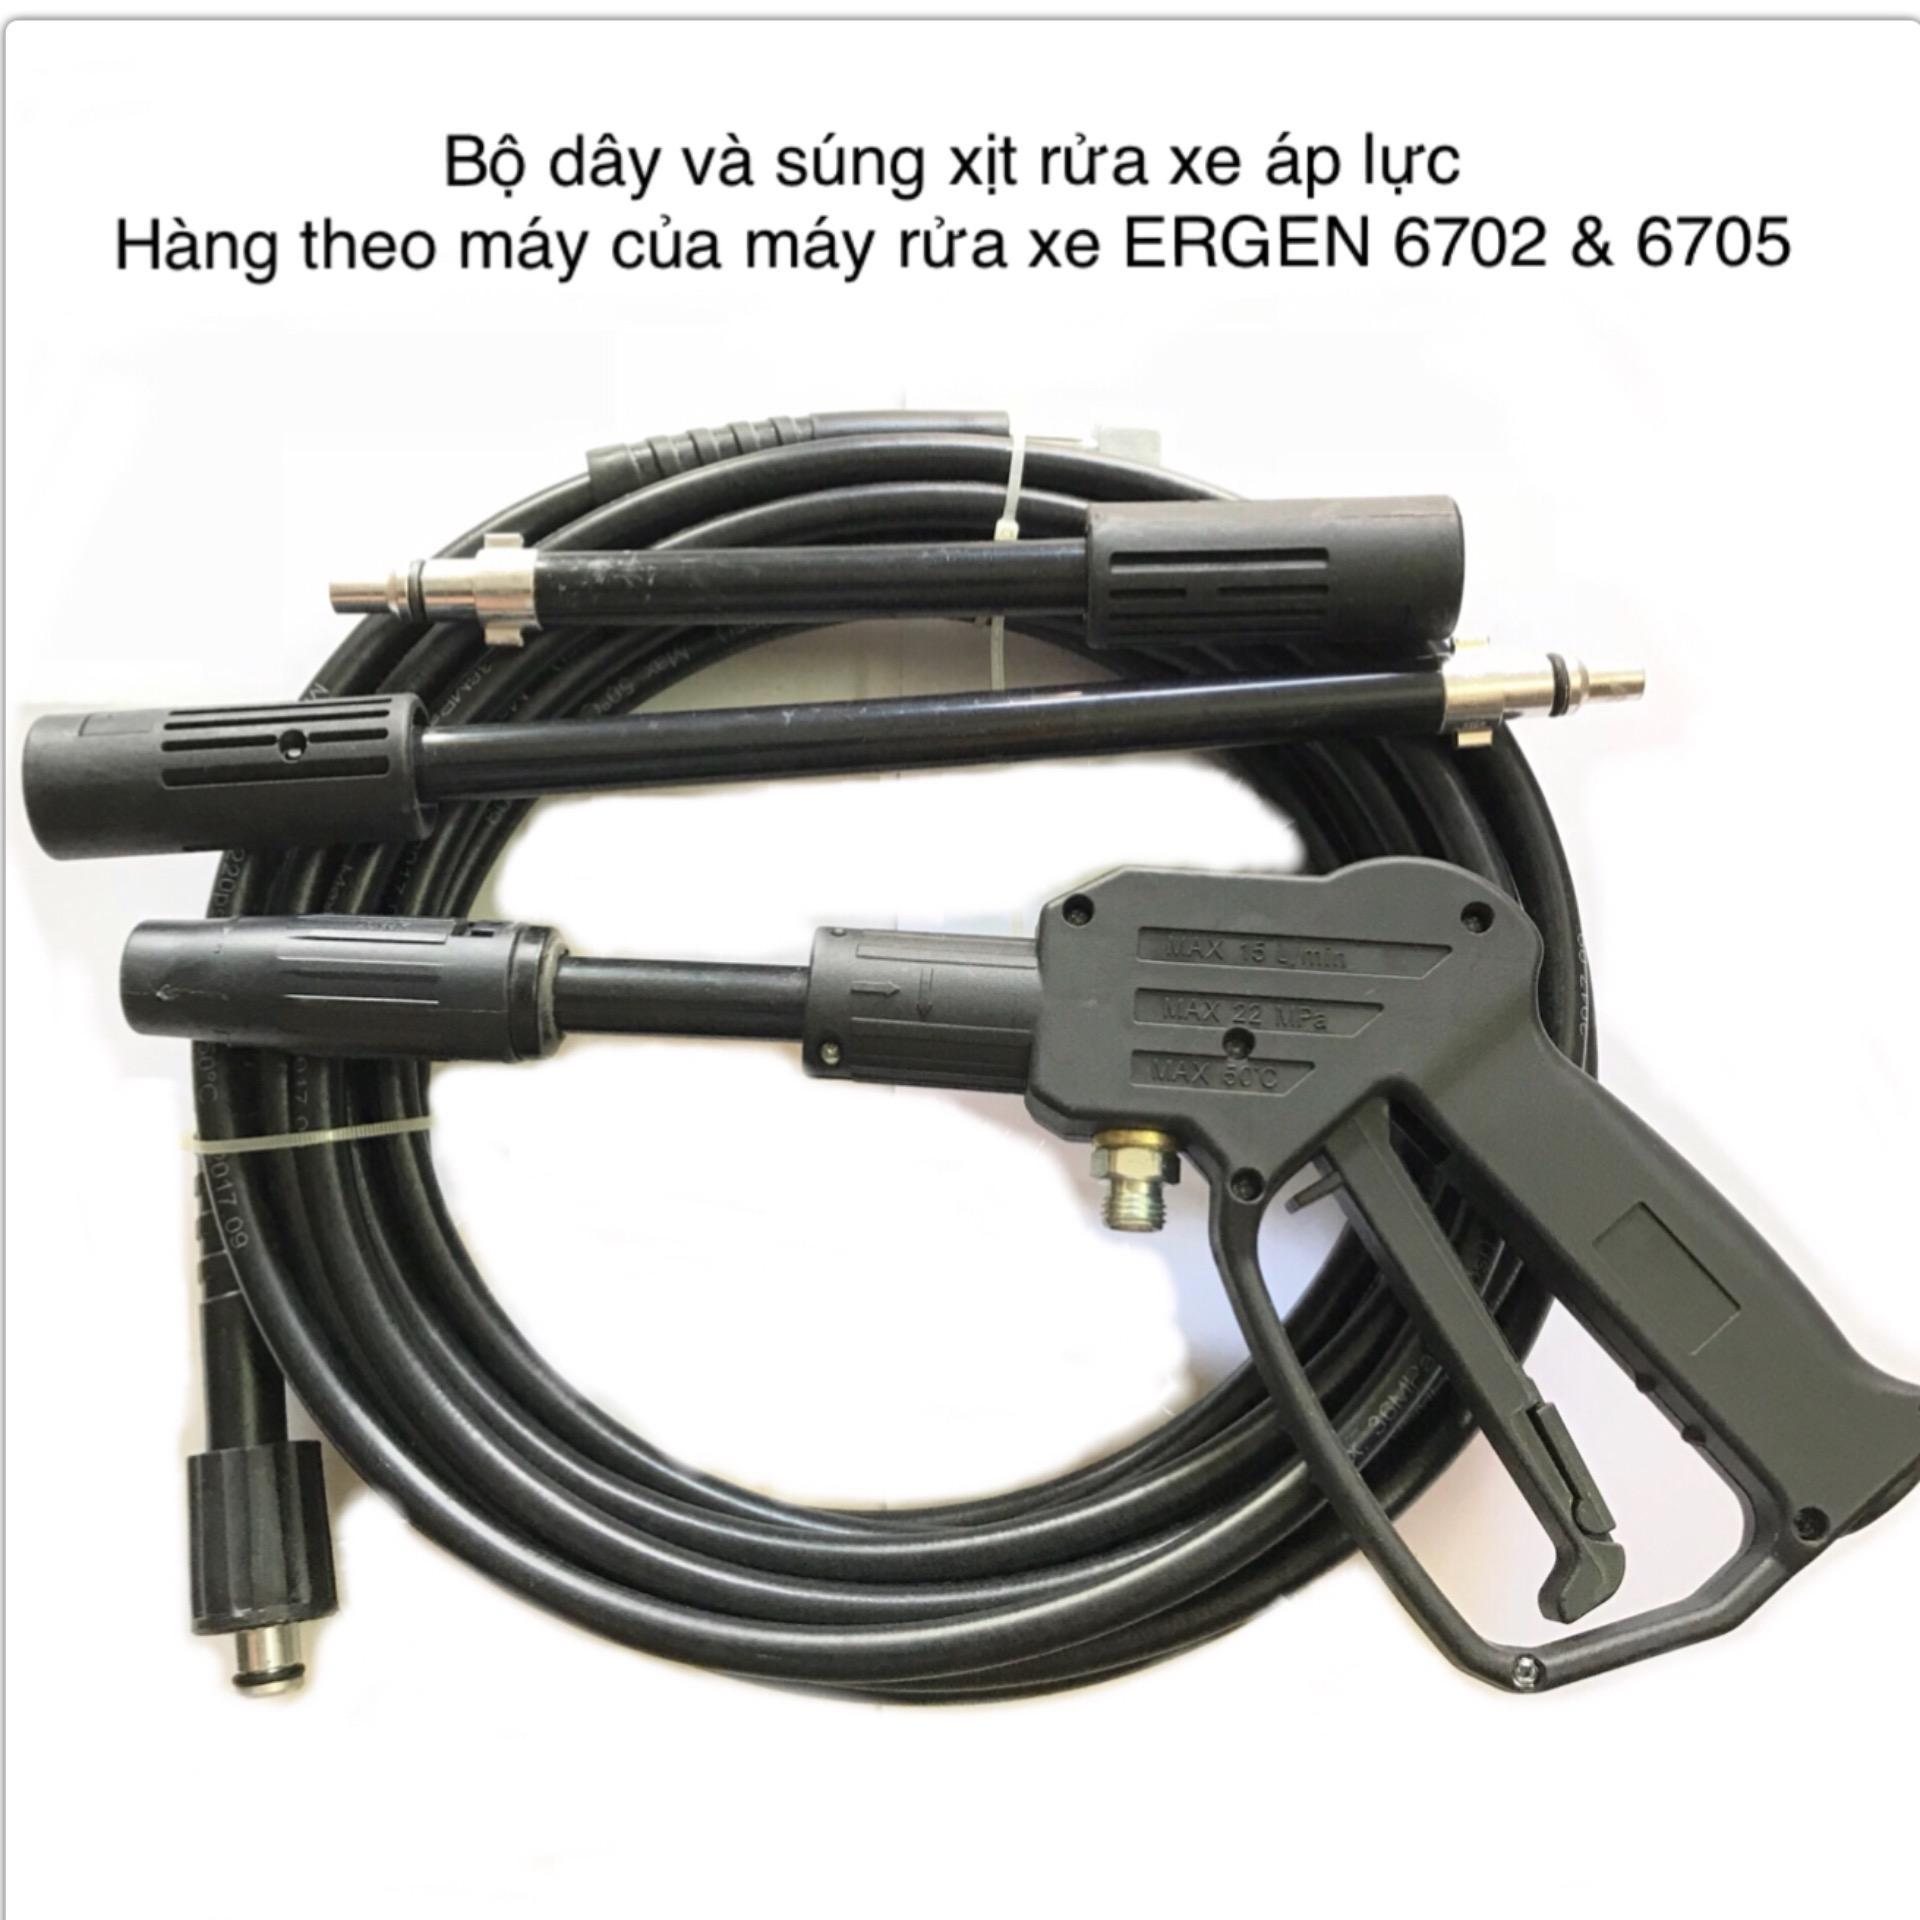 Hình ảnh Bộ dây xịt rửa xe áp lực 10m / hàng theo máy rửa xe ERGEN 6702/6705